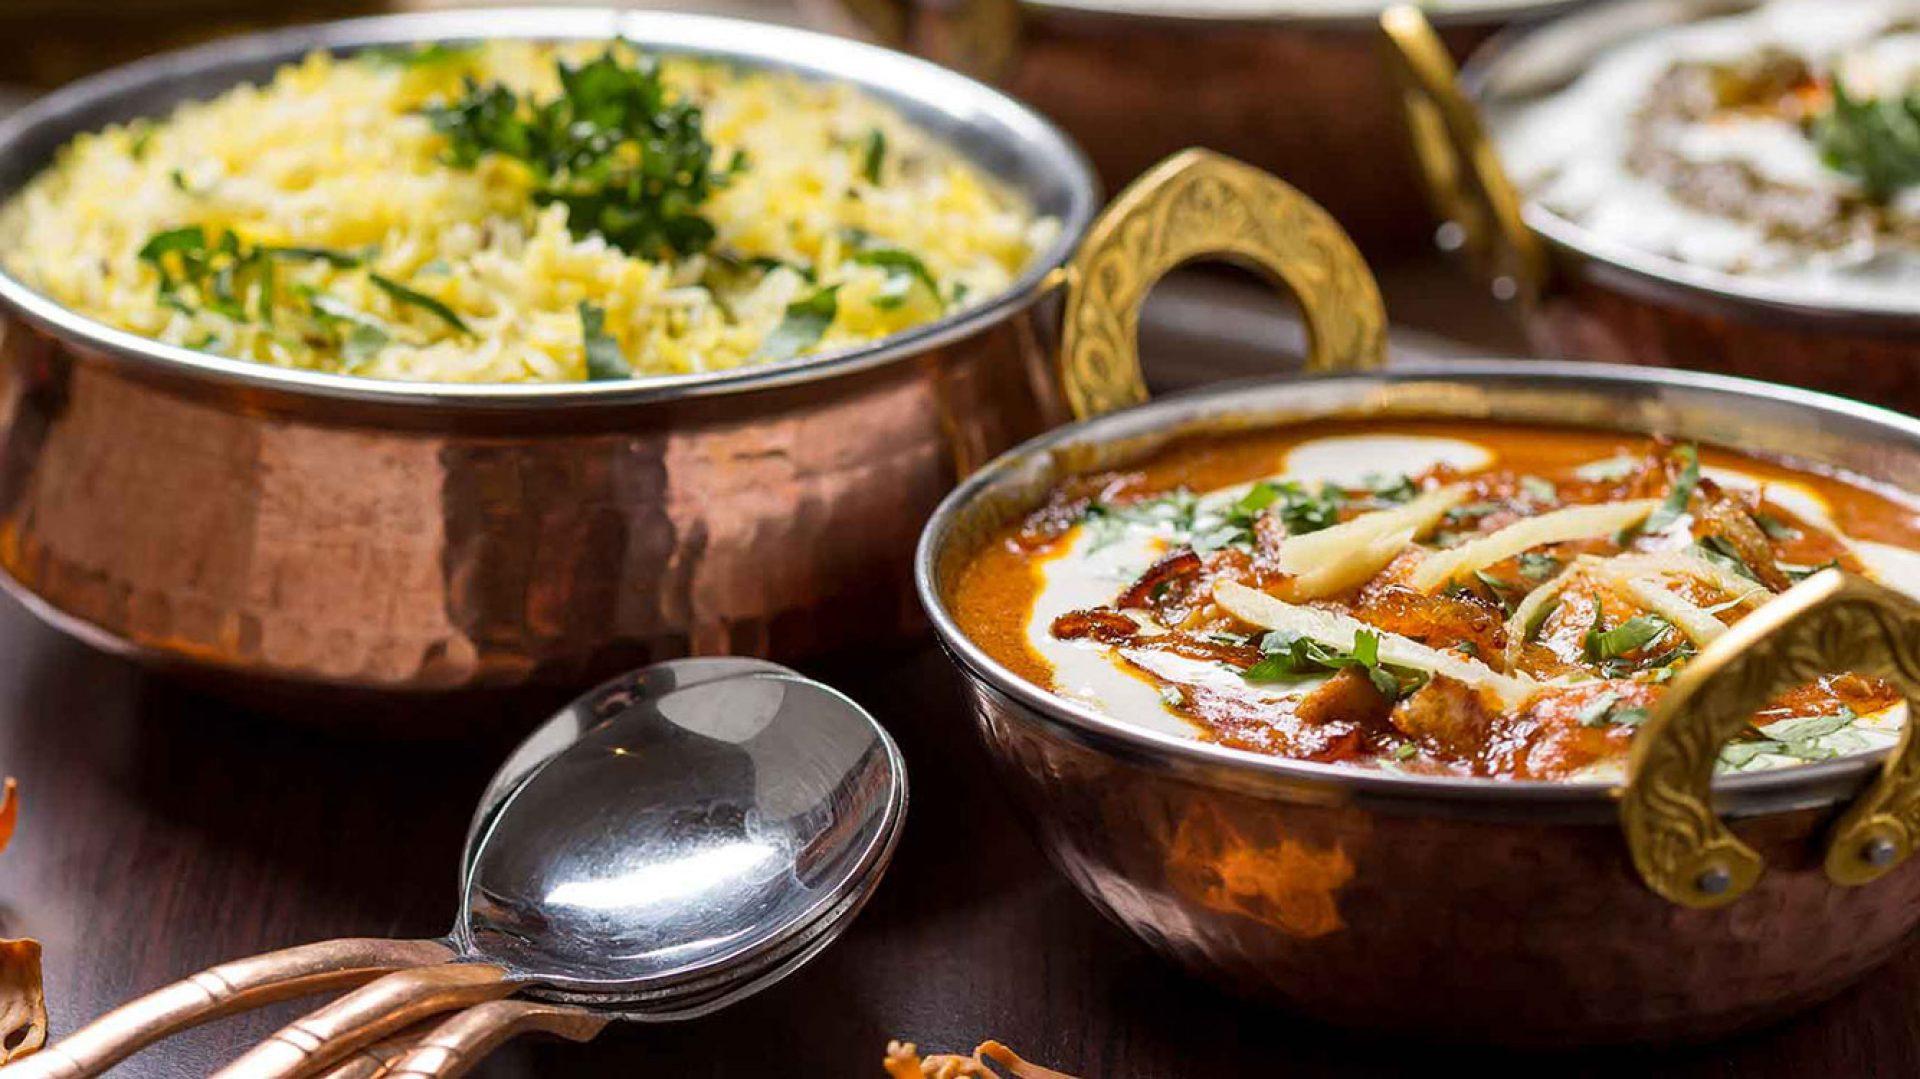 Harlech Indian Restaurant